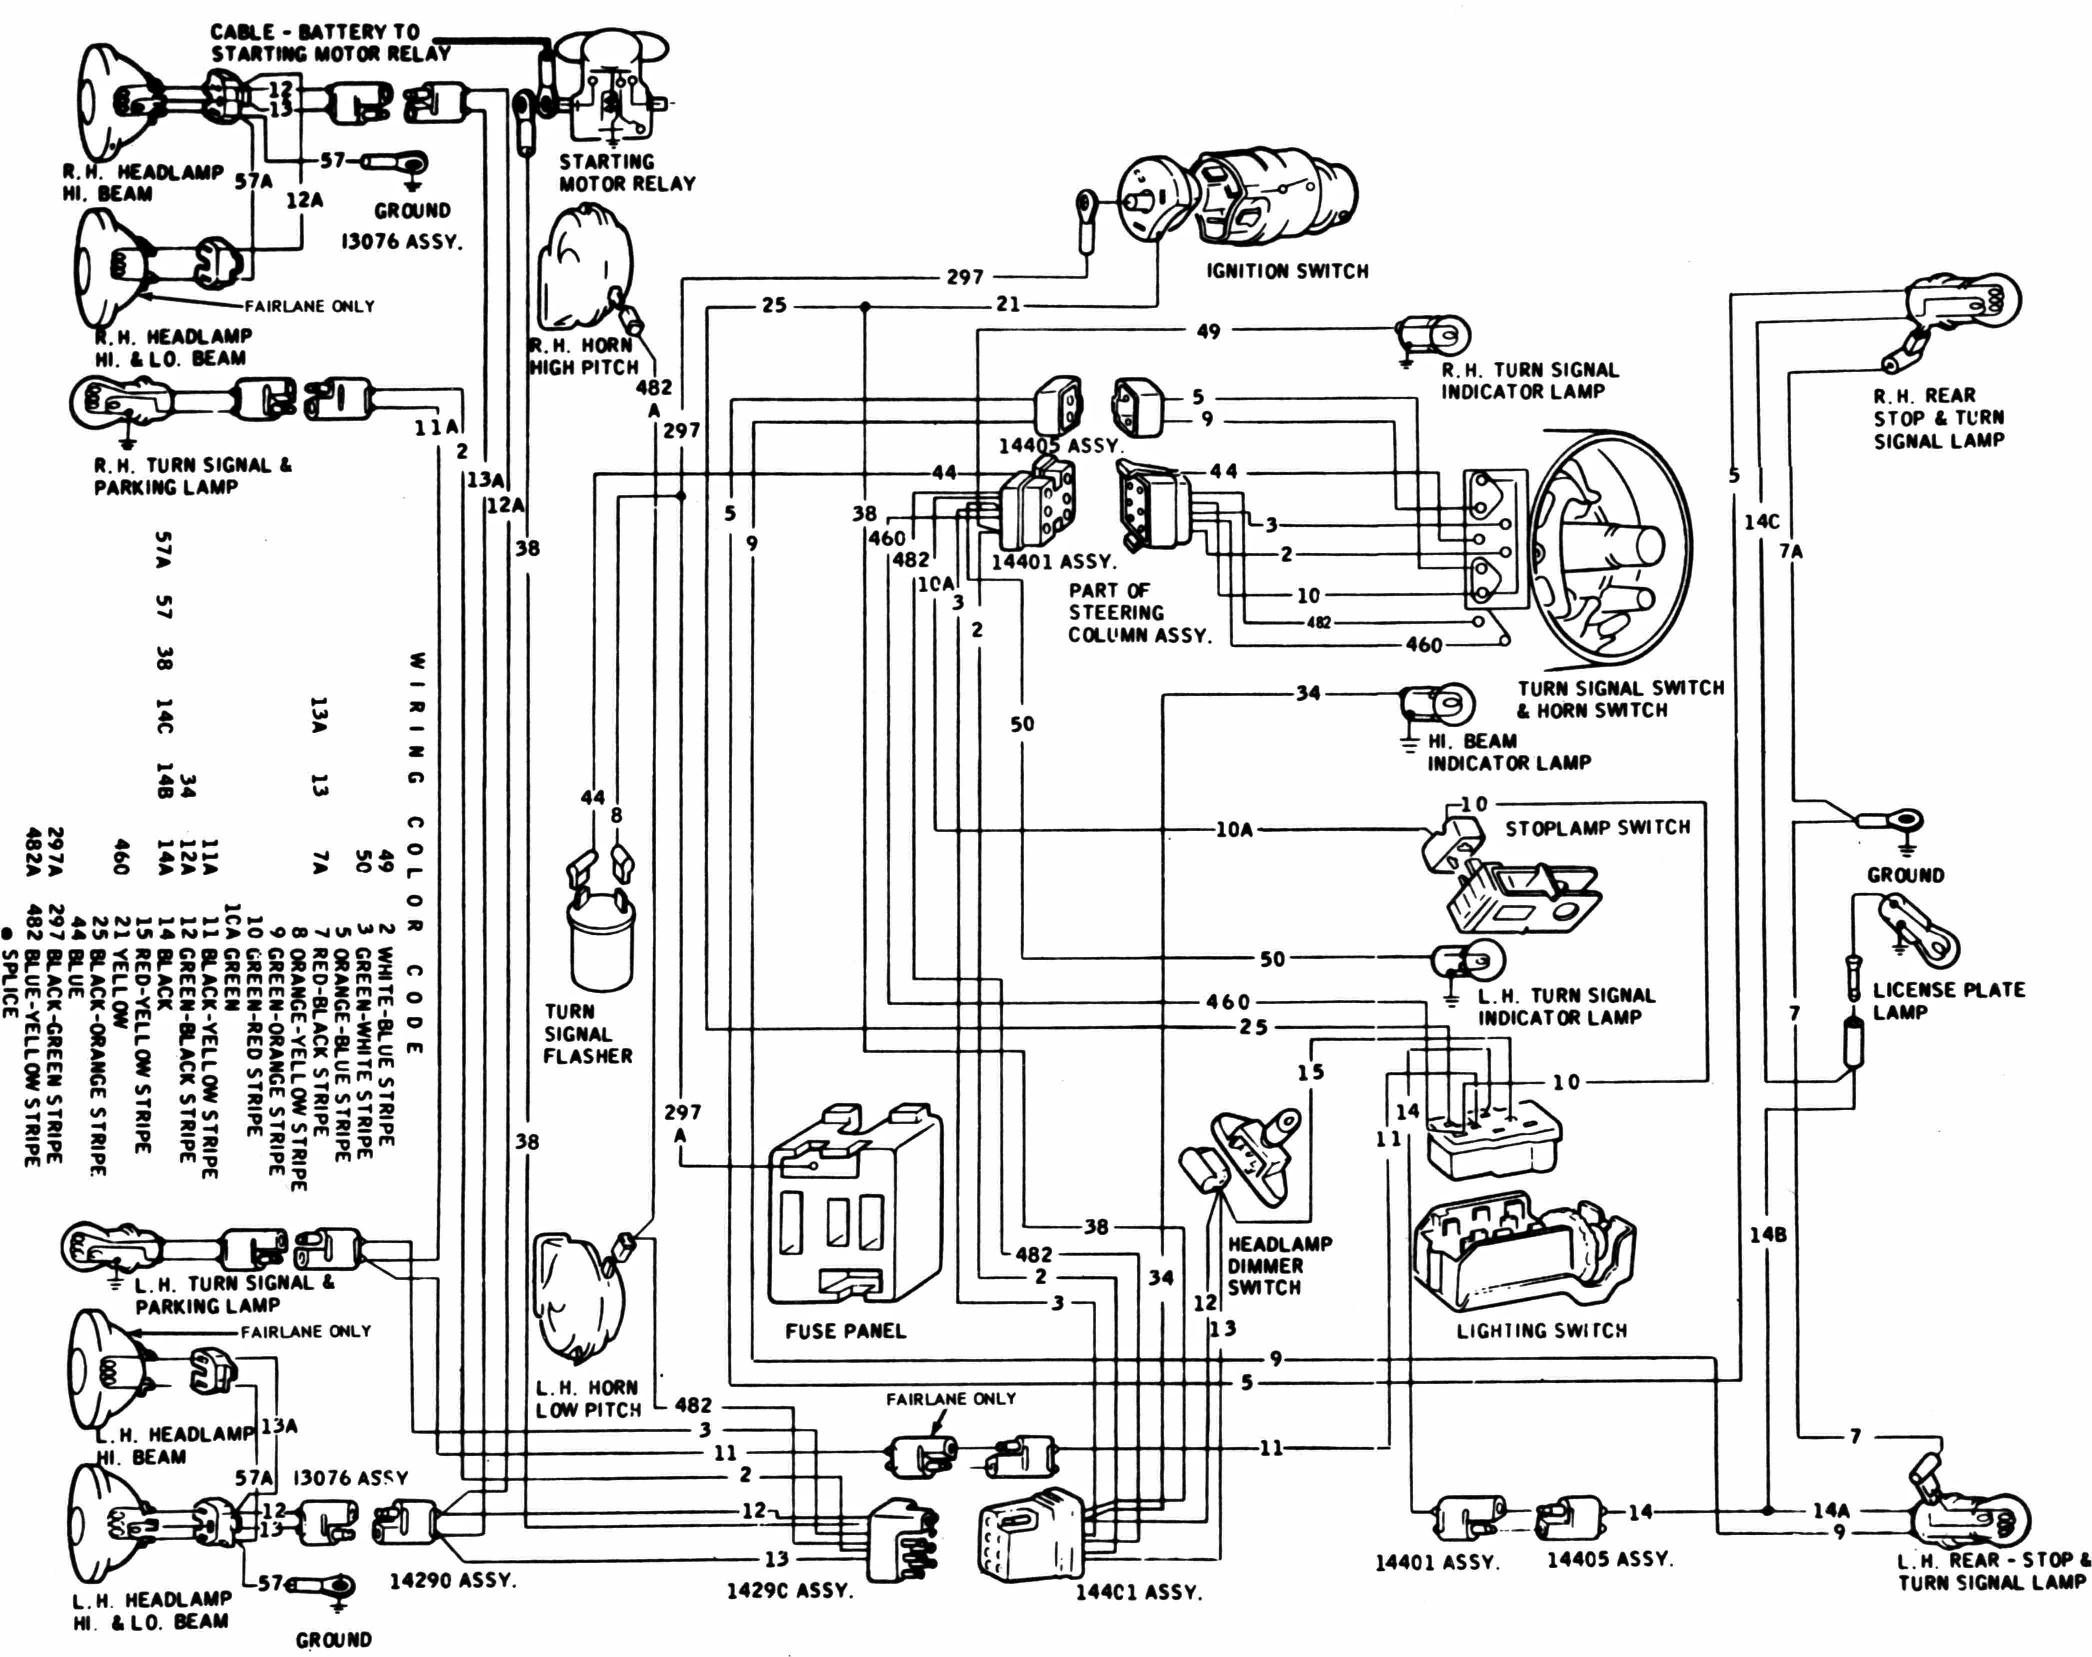 Ford 460 Engine Wiring Diagram Diagram] 1964 Fairlane Wiring Diagram Full Version Hd Of Ford 460 Engine Wiring Diagram